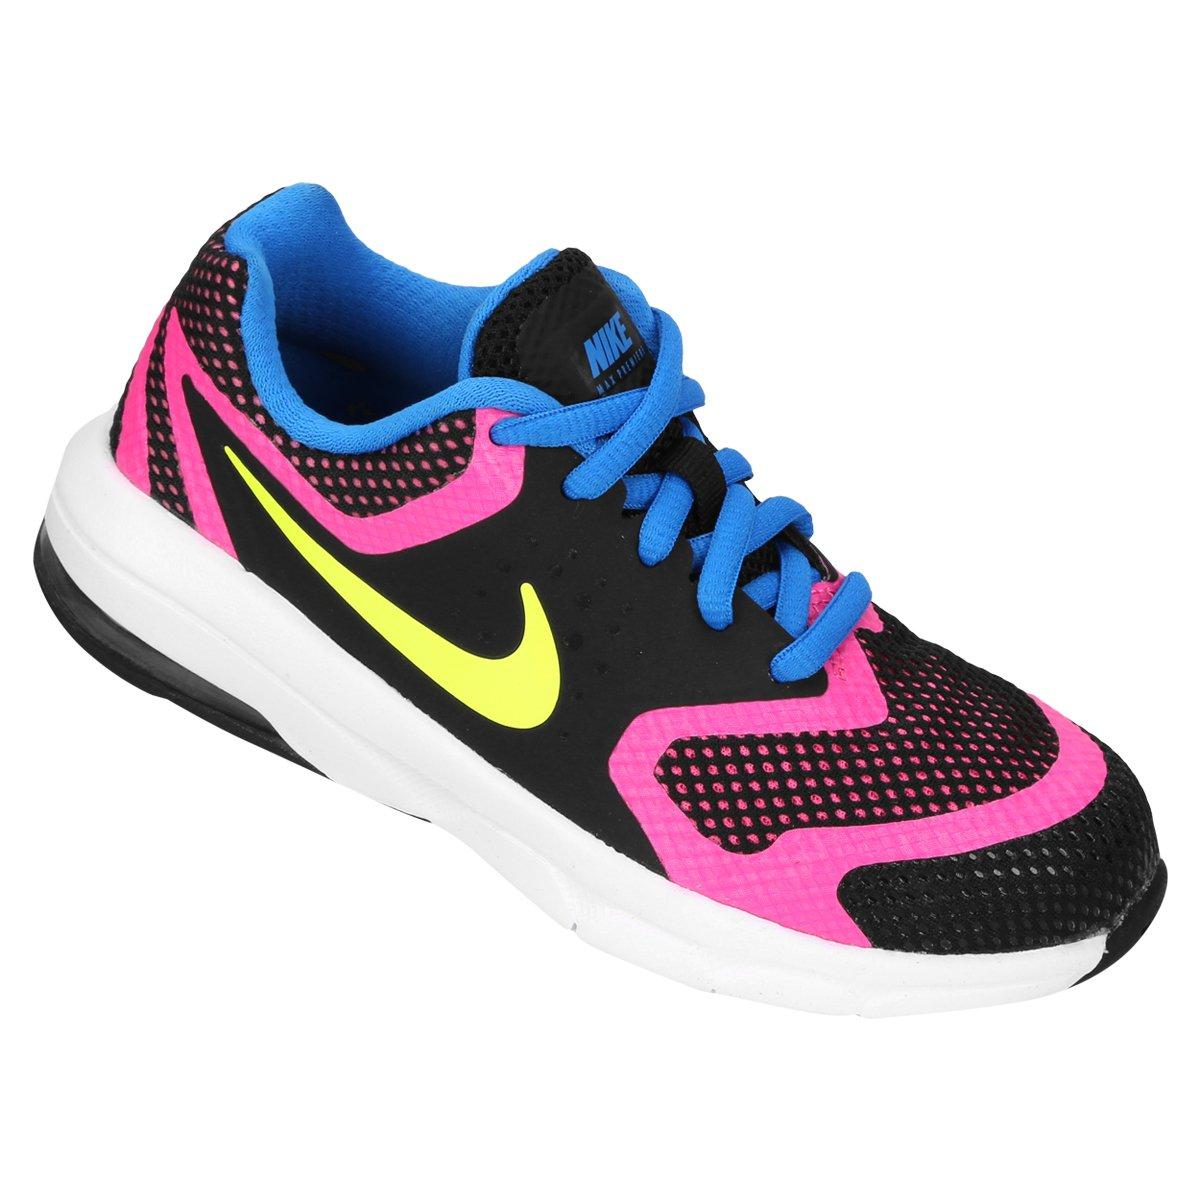 b468c2912ff Tênis Nike Air Max Premiere Run Infantil - Compre Agora